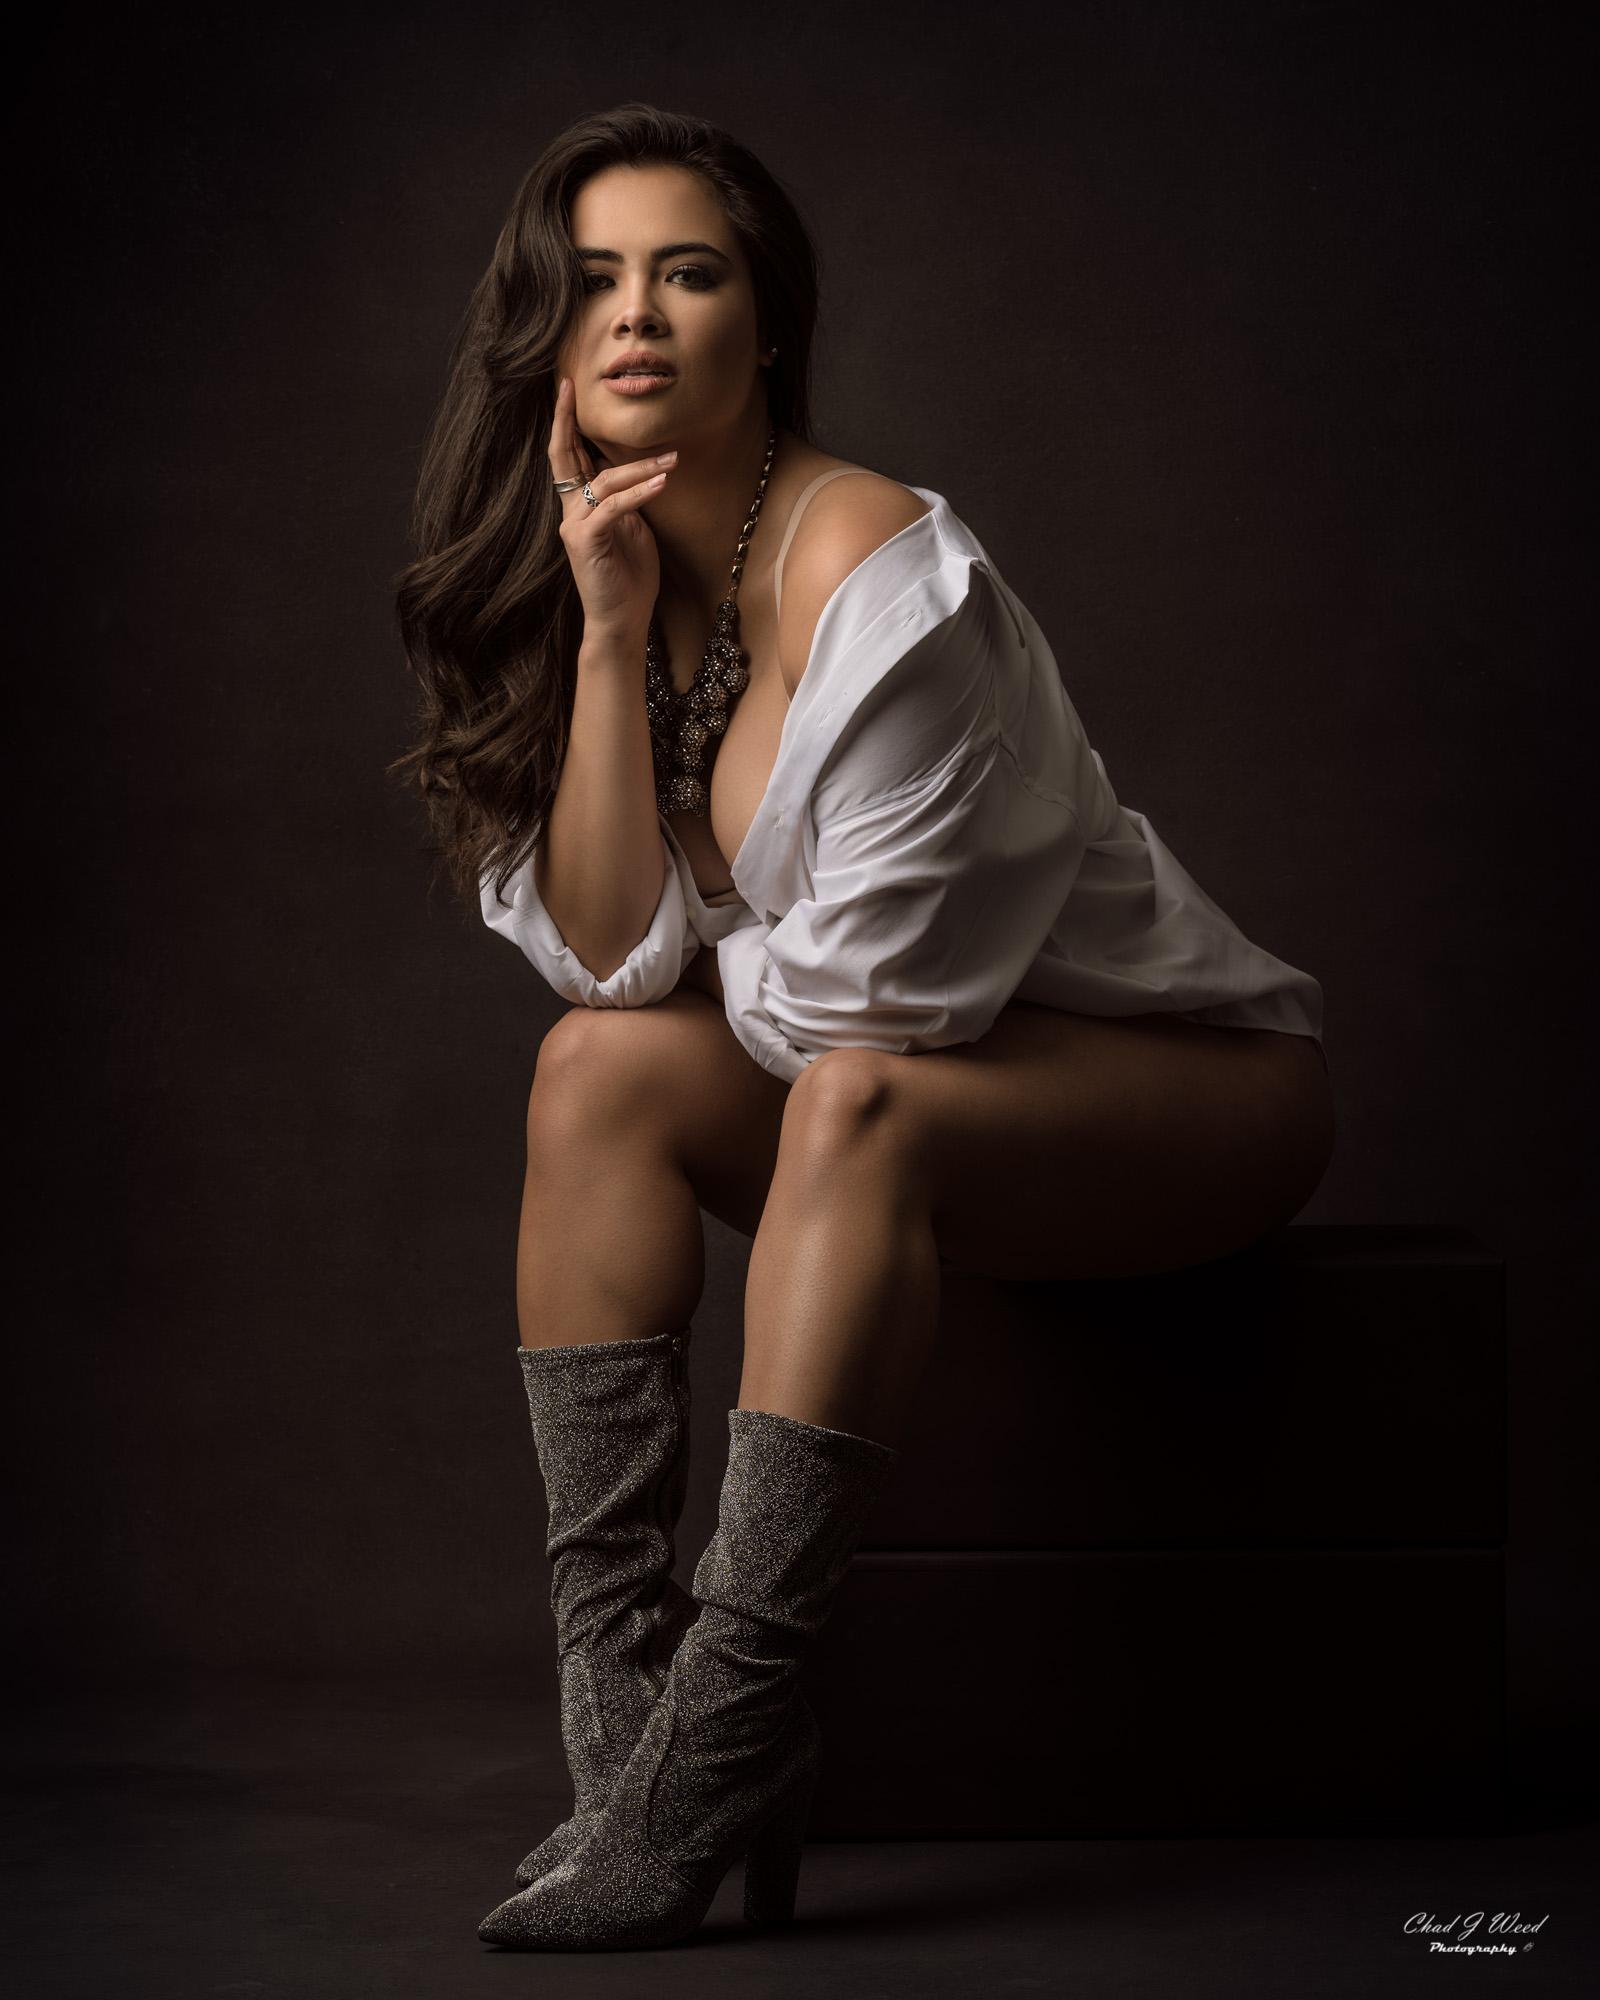 Arizona Fashion Portrait Photographer Chad Weed - Fashion Model Karla